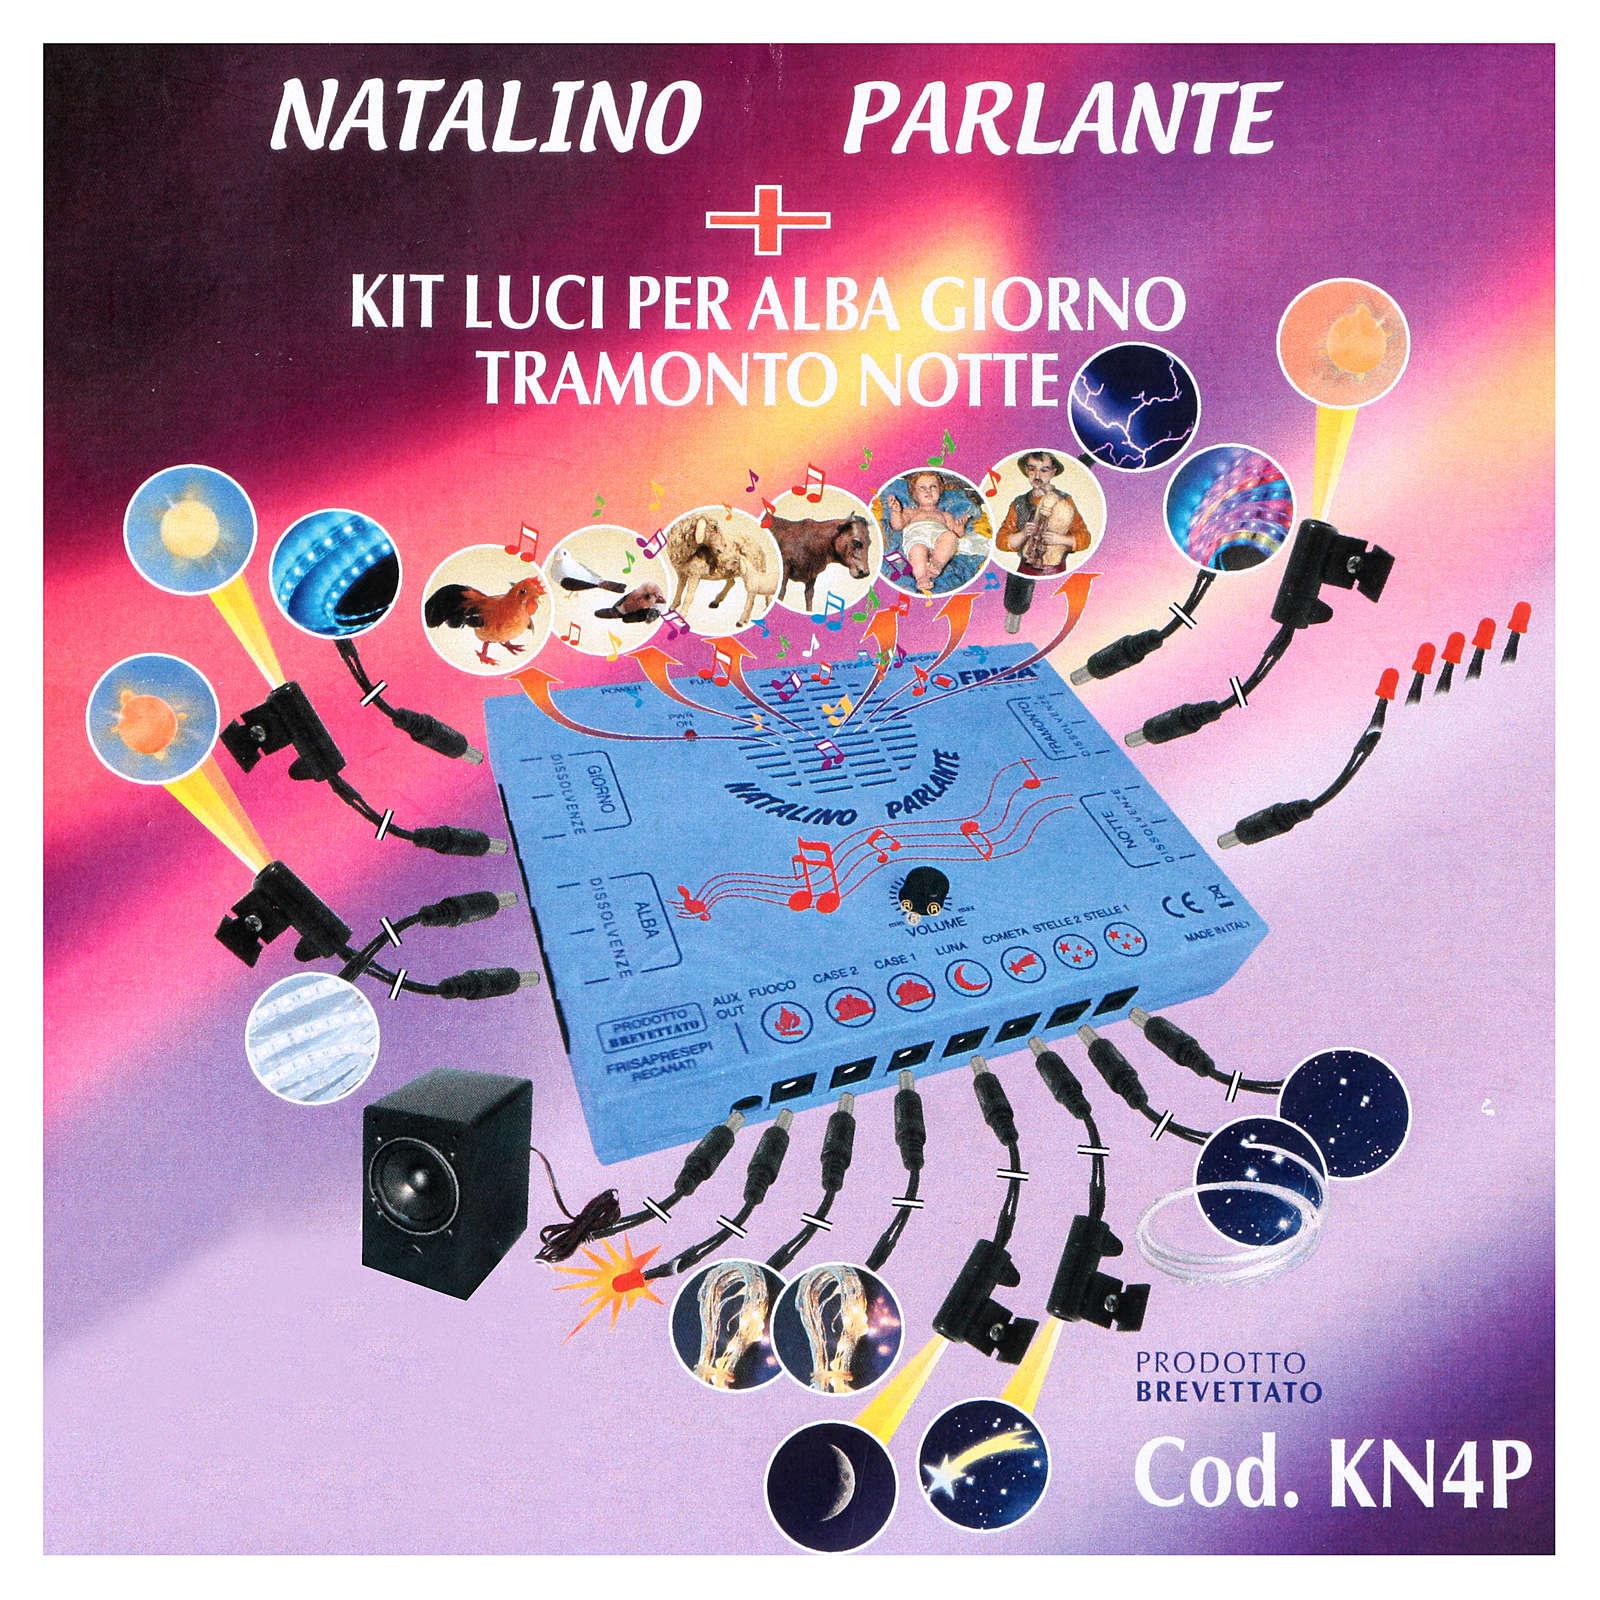 Natalino Parlante con Kit alba giorno tramonto notte 4